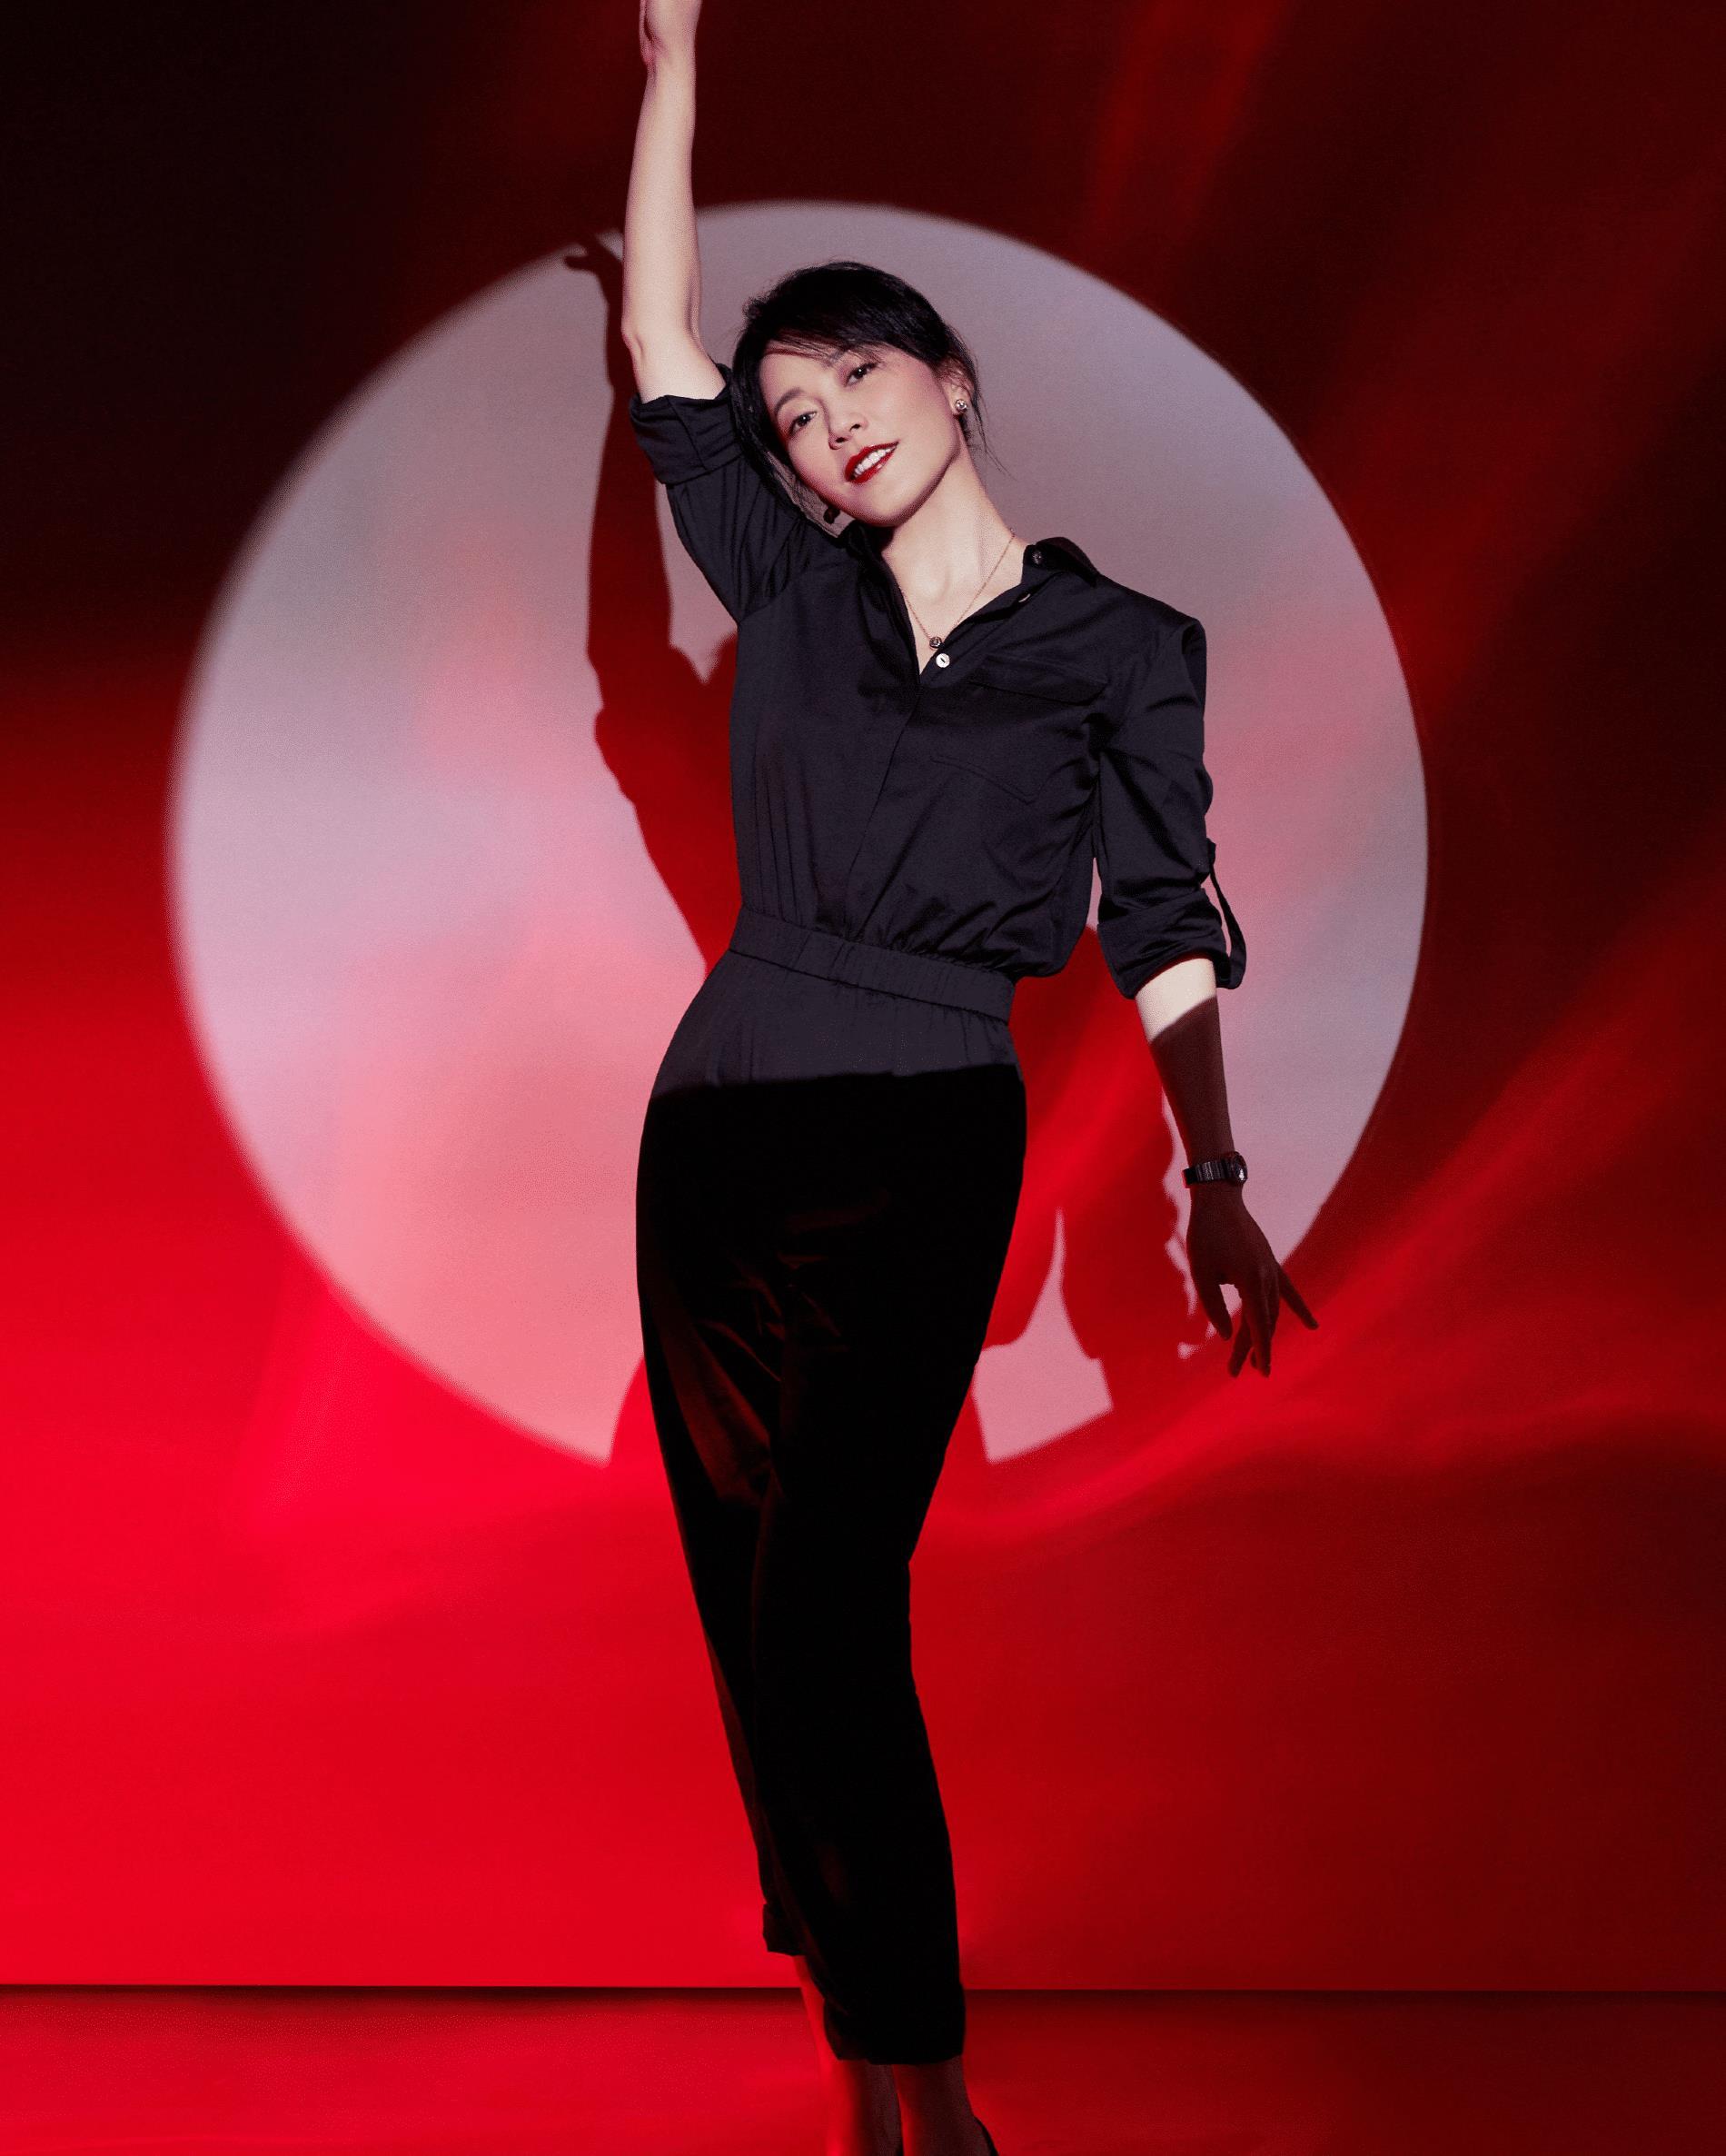 俞飞鸿堪称东方赫本,一身黑色连体裤高级大气,骨子里散发气质